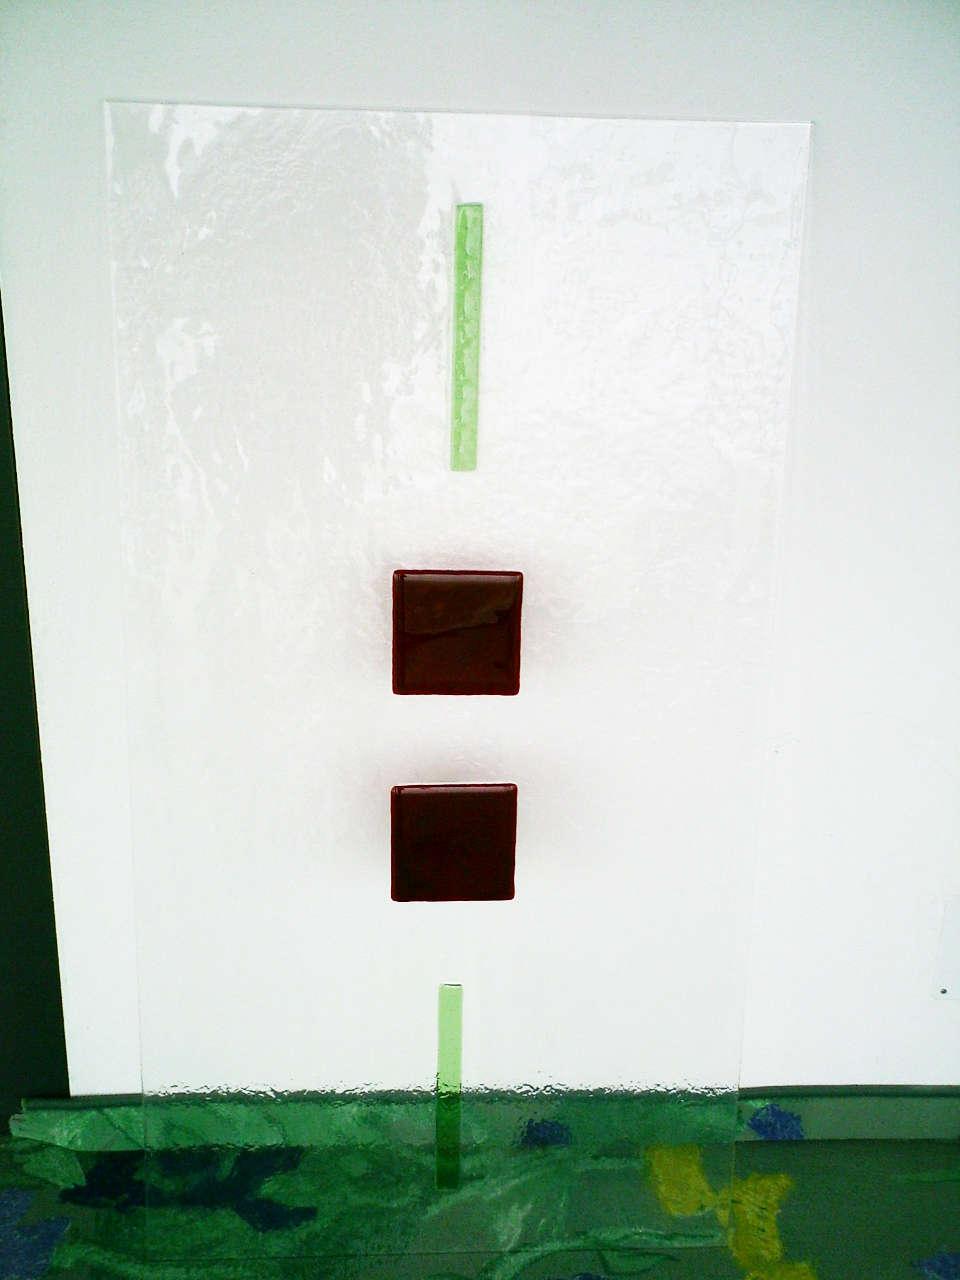 Schmelzglas rot und grün